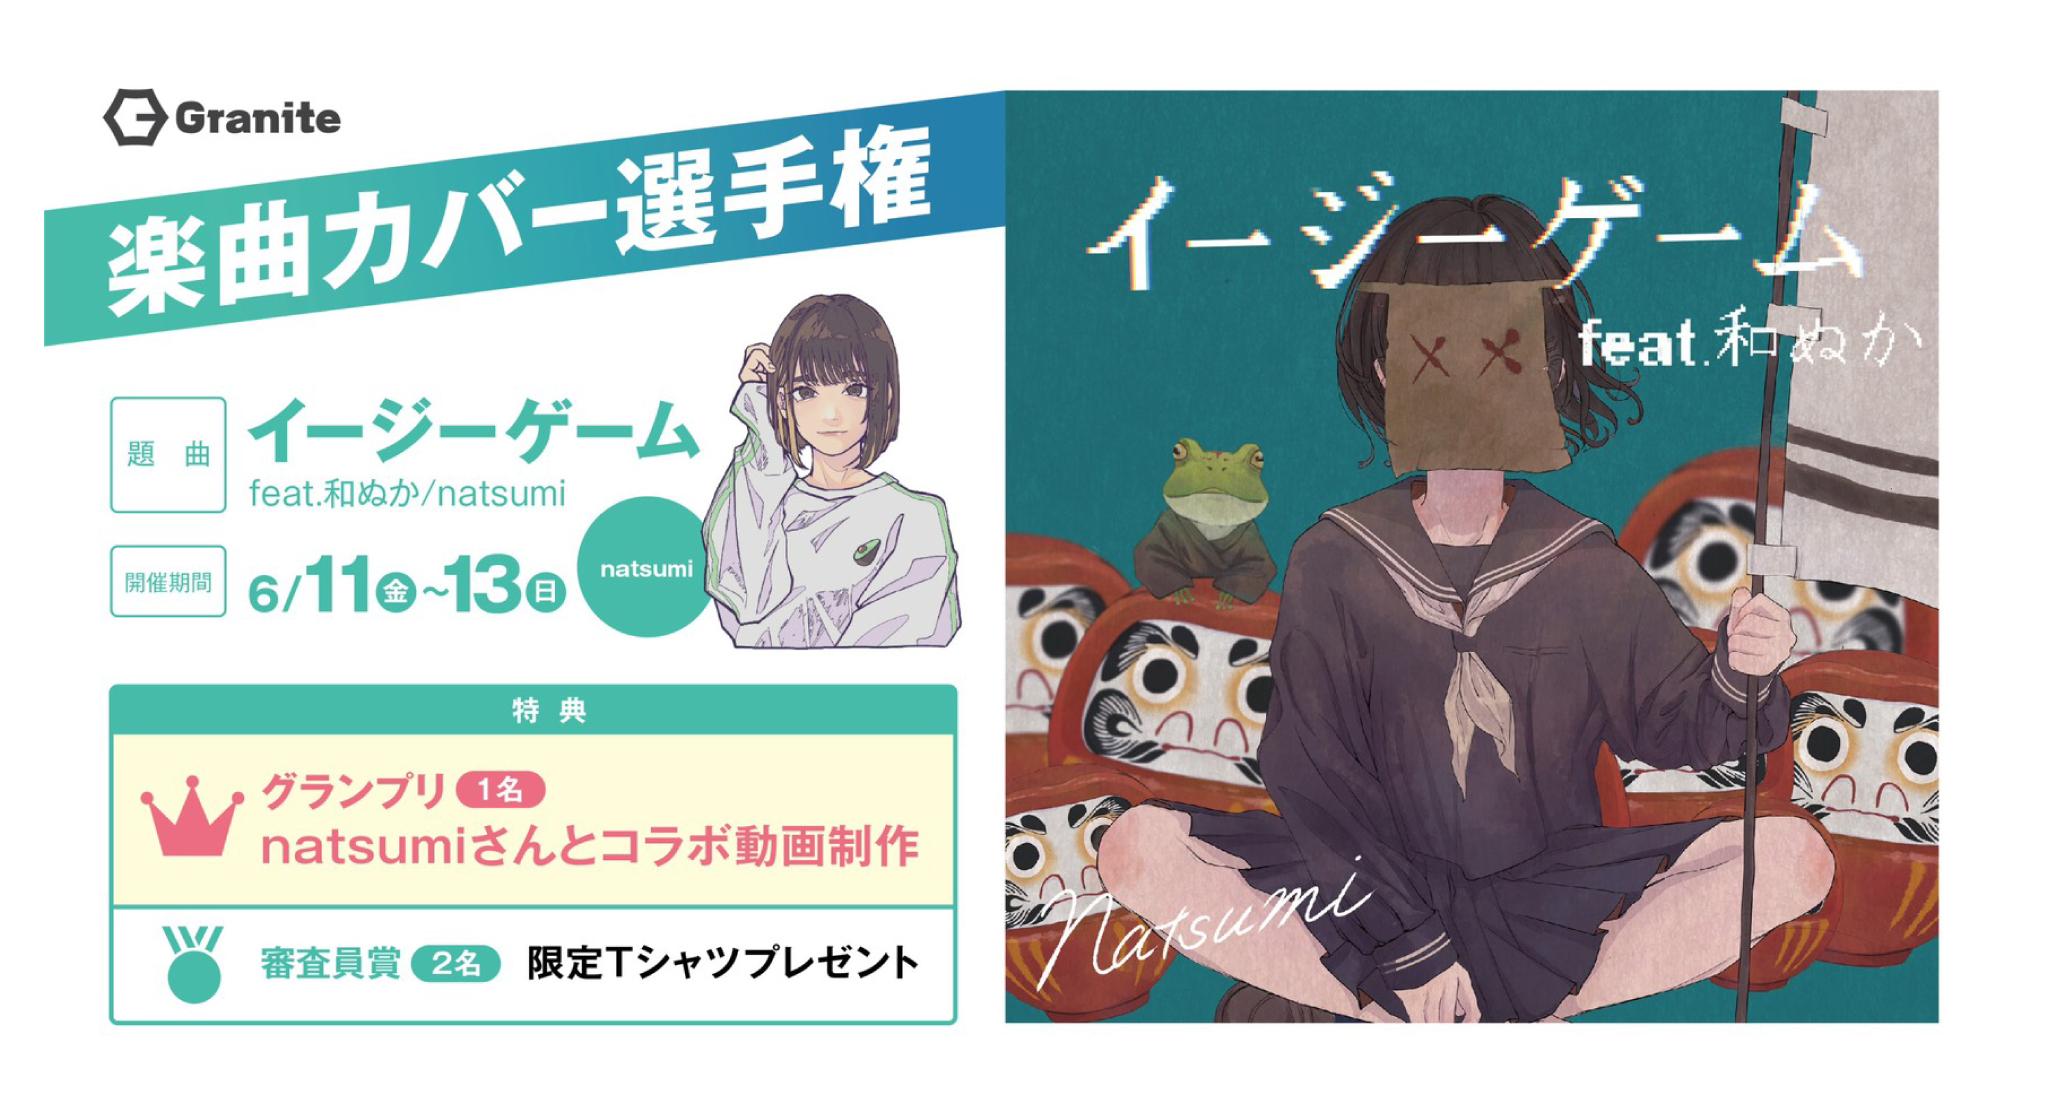 楽曲カバー選手権#1『イージーゲームfeat.和ぬか/natsumi』を実施